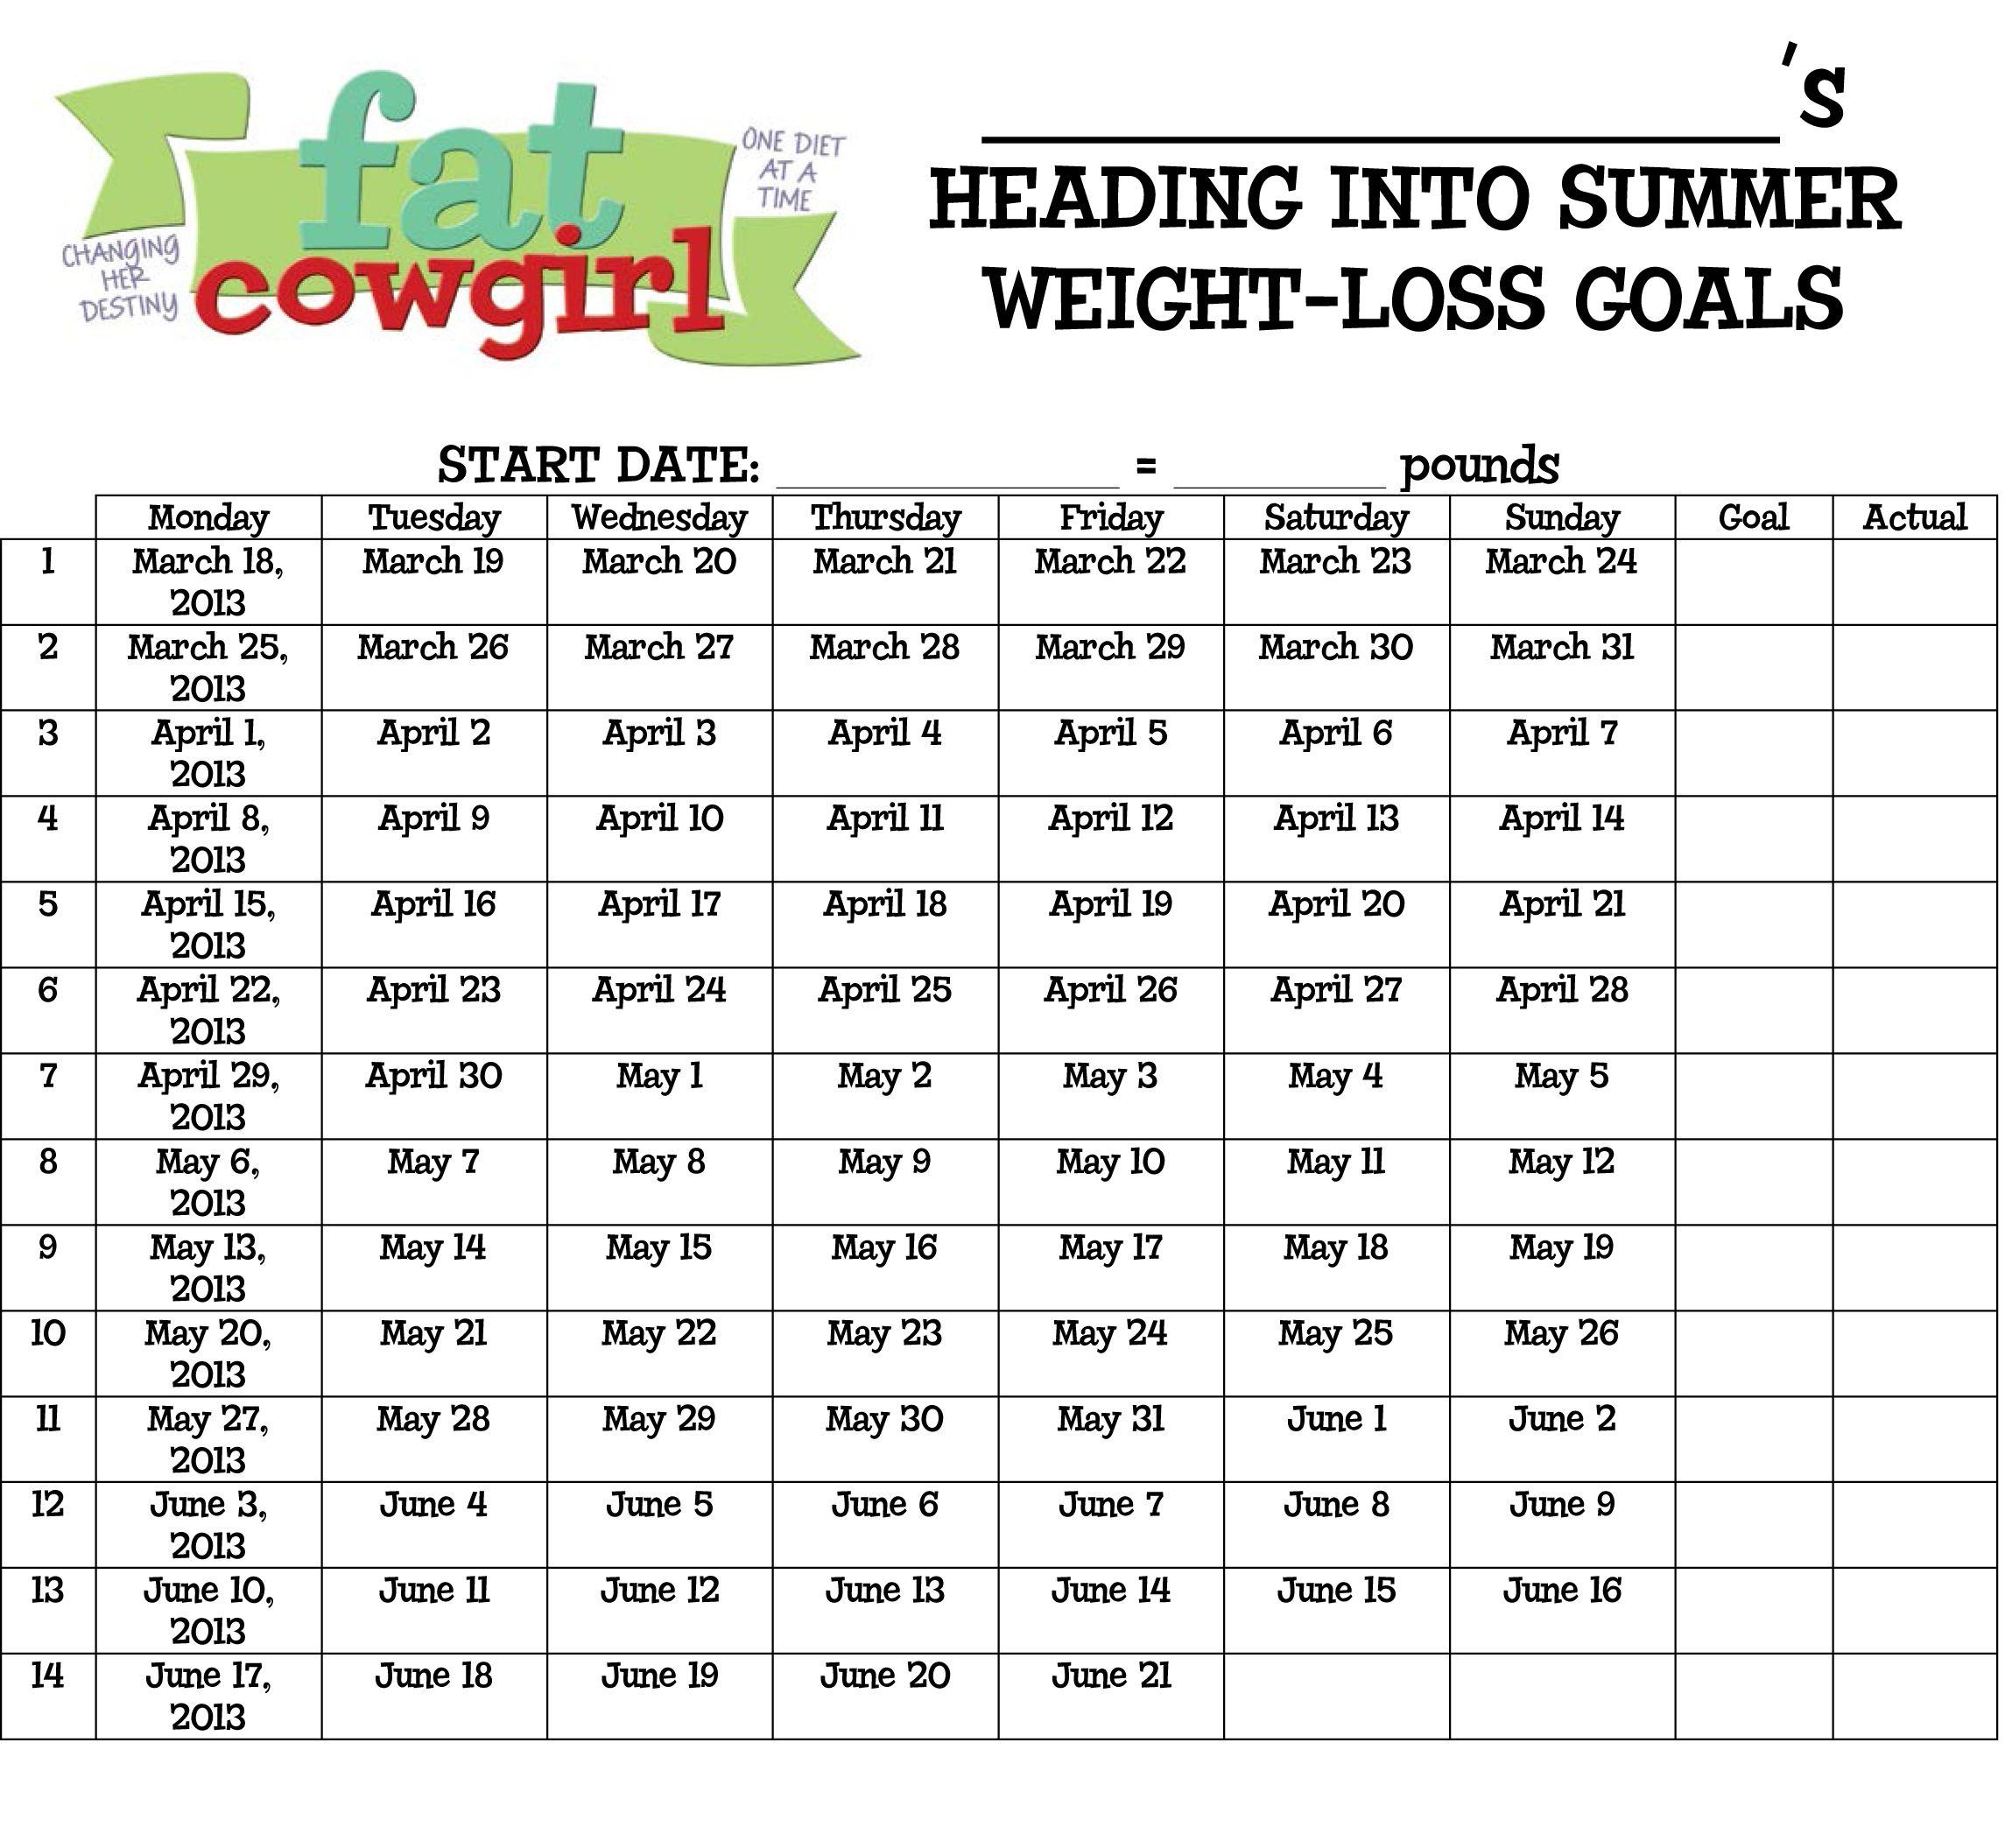 Heading into summer weight loss chart journal and planner ideas heading into summer weight loss chart geenschuldenfo Gallery